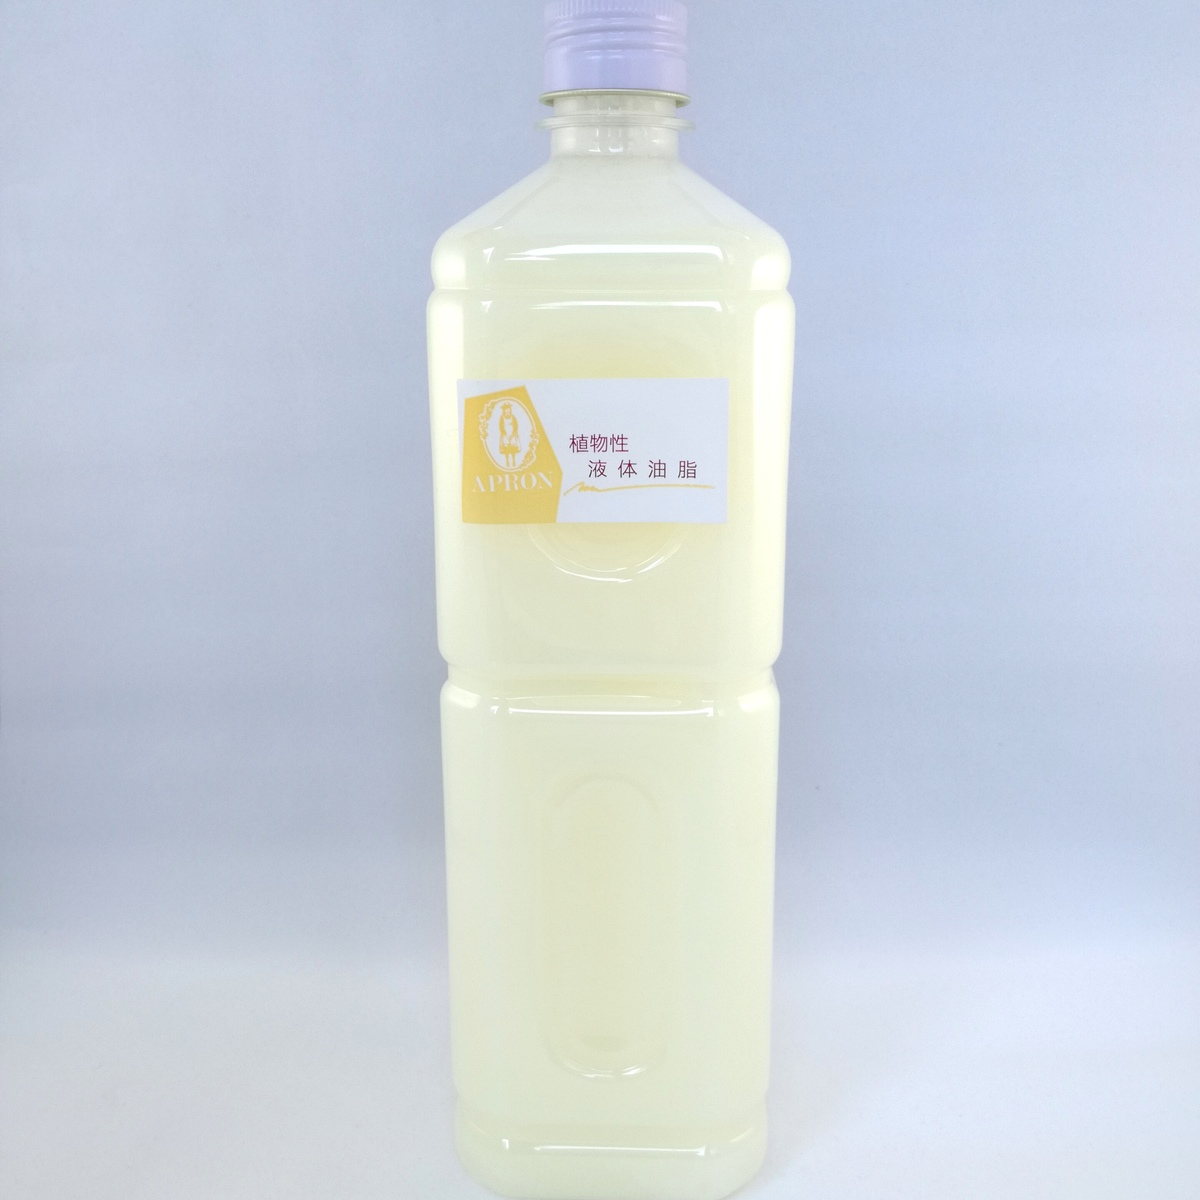 油脂 油 植物性 製菓材料 お菓子作り 製パン 植物性液体油脂 期間限定で特別価格 1L サンショート 液体ショートニング ブランデーケーキ 新作 大人気